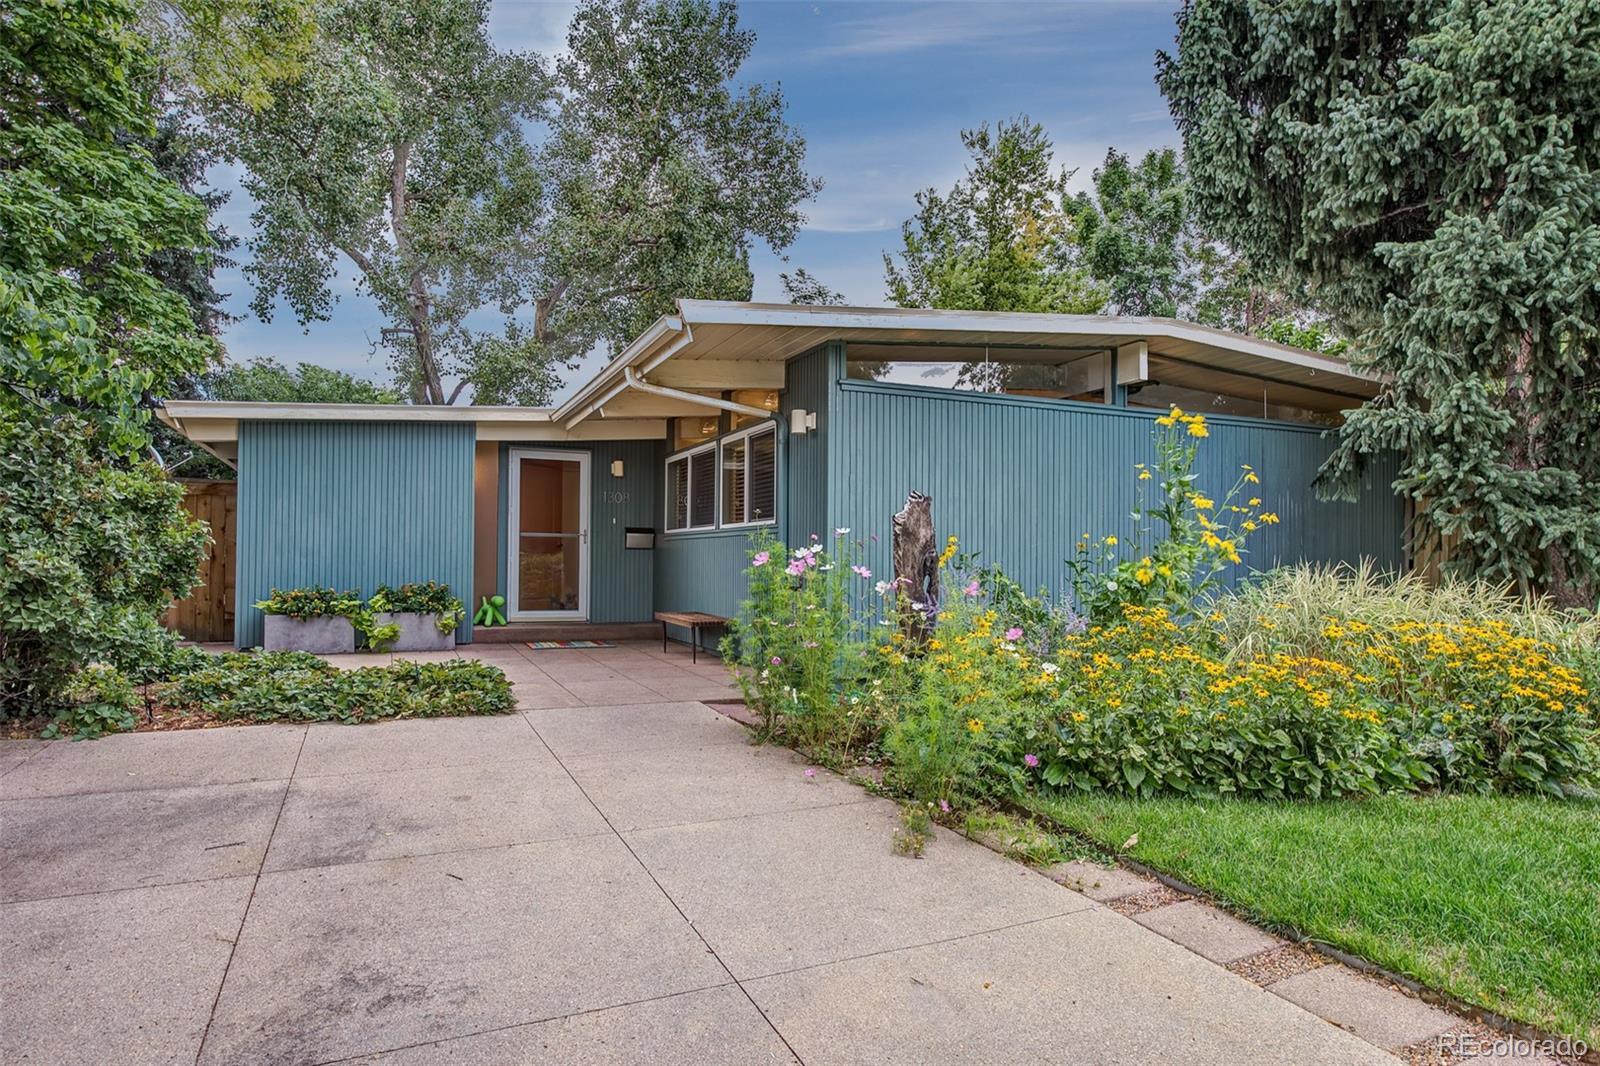 1308 S Edison Way, Denver, CO 80222 - Denver, CO real estate listing